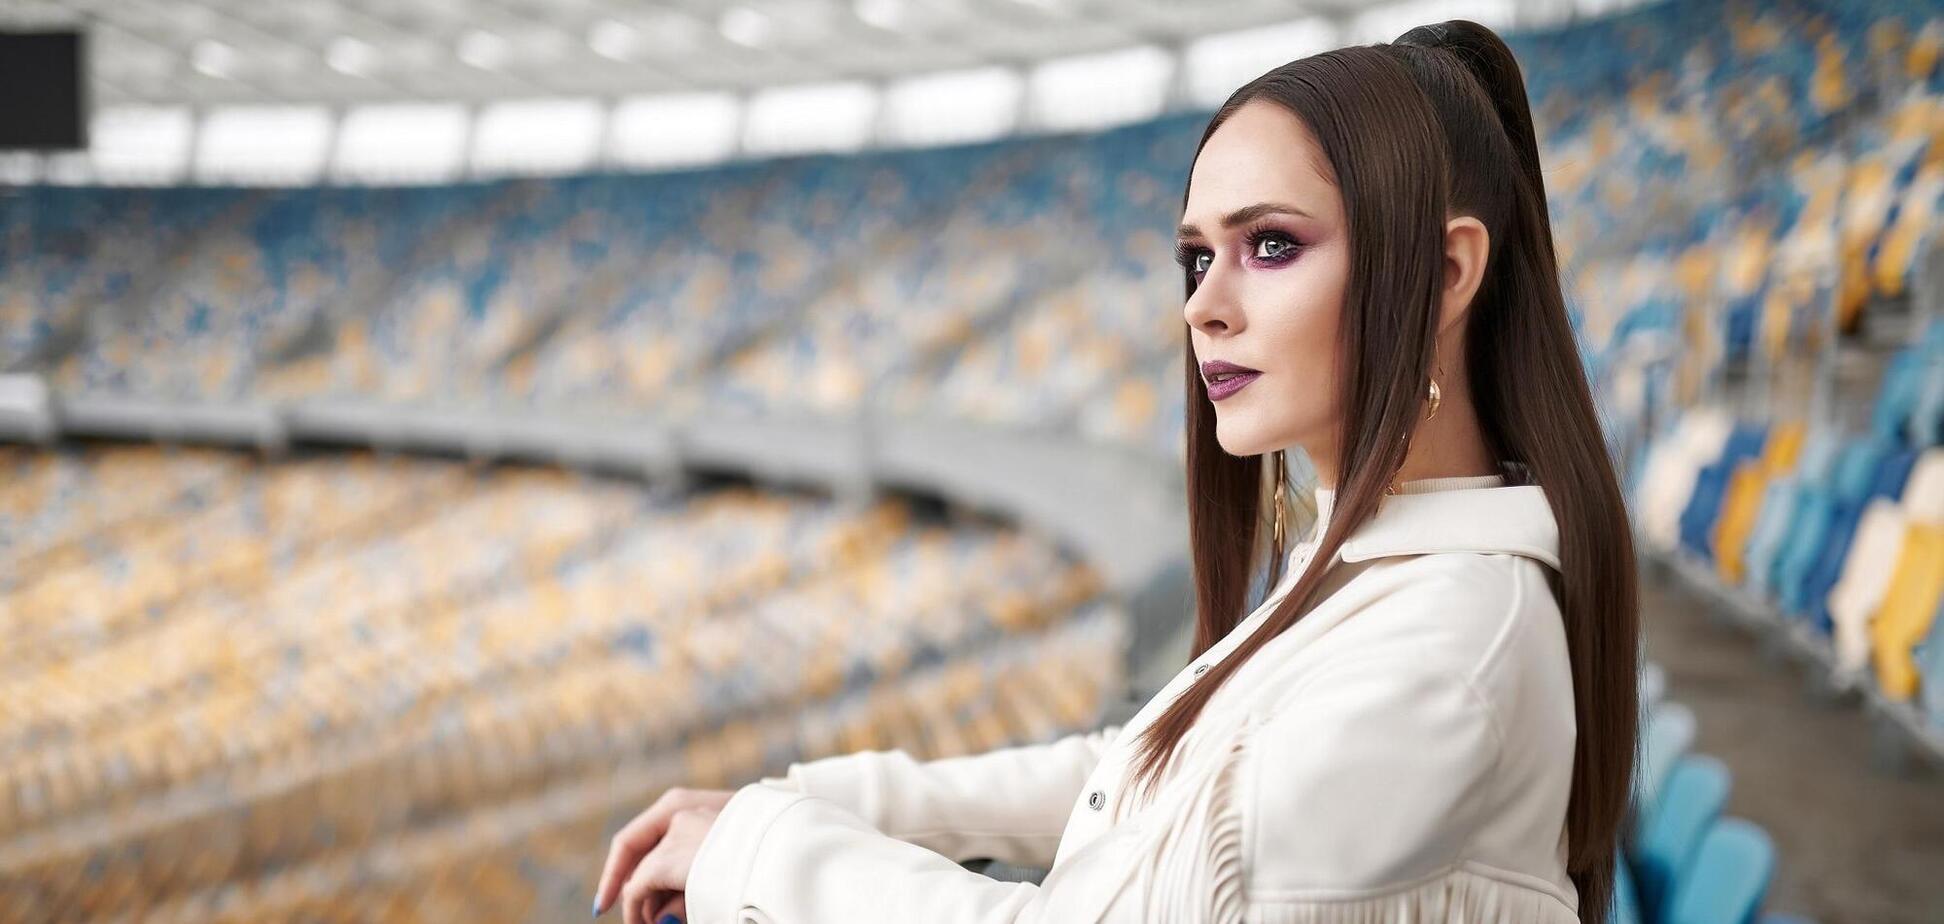 Юлия Санина: выступать в России и говорить, что 'мы вне политики' – лицемерие